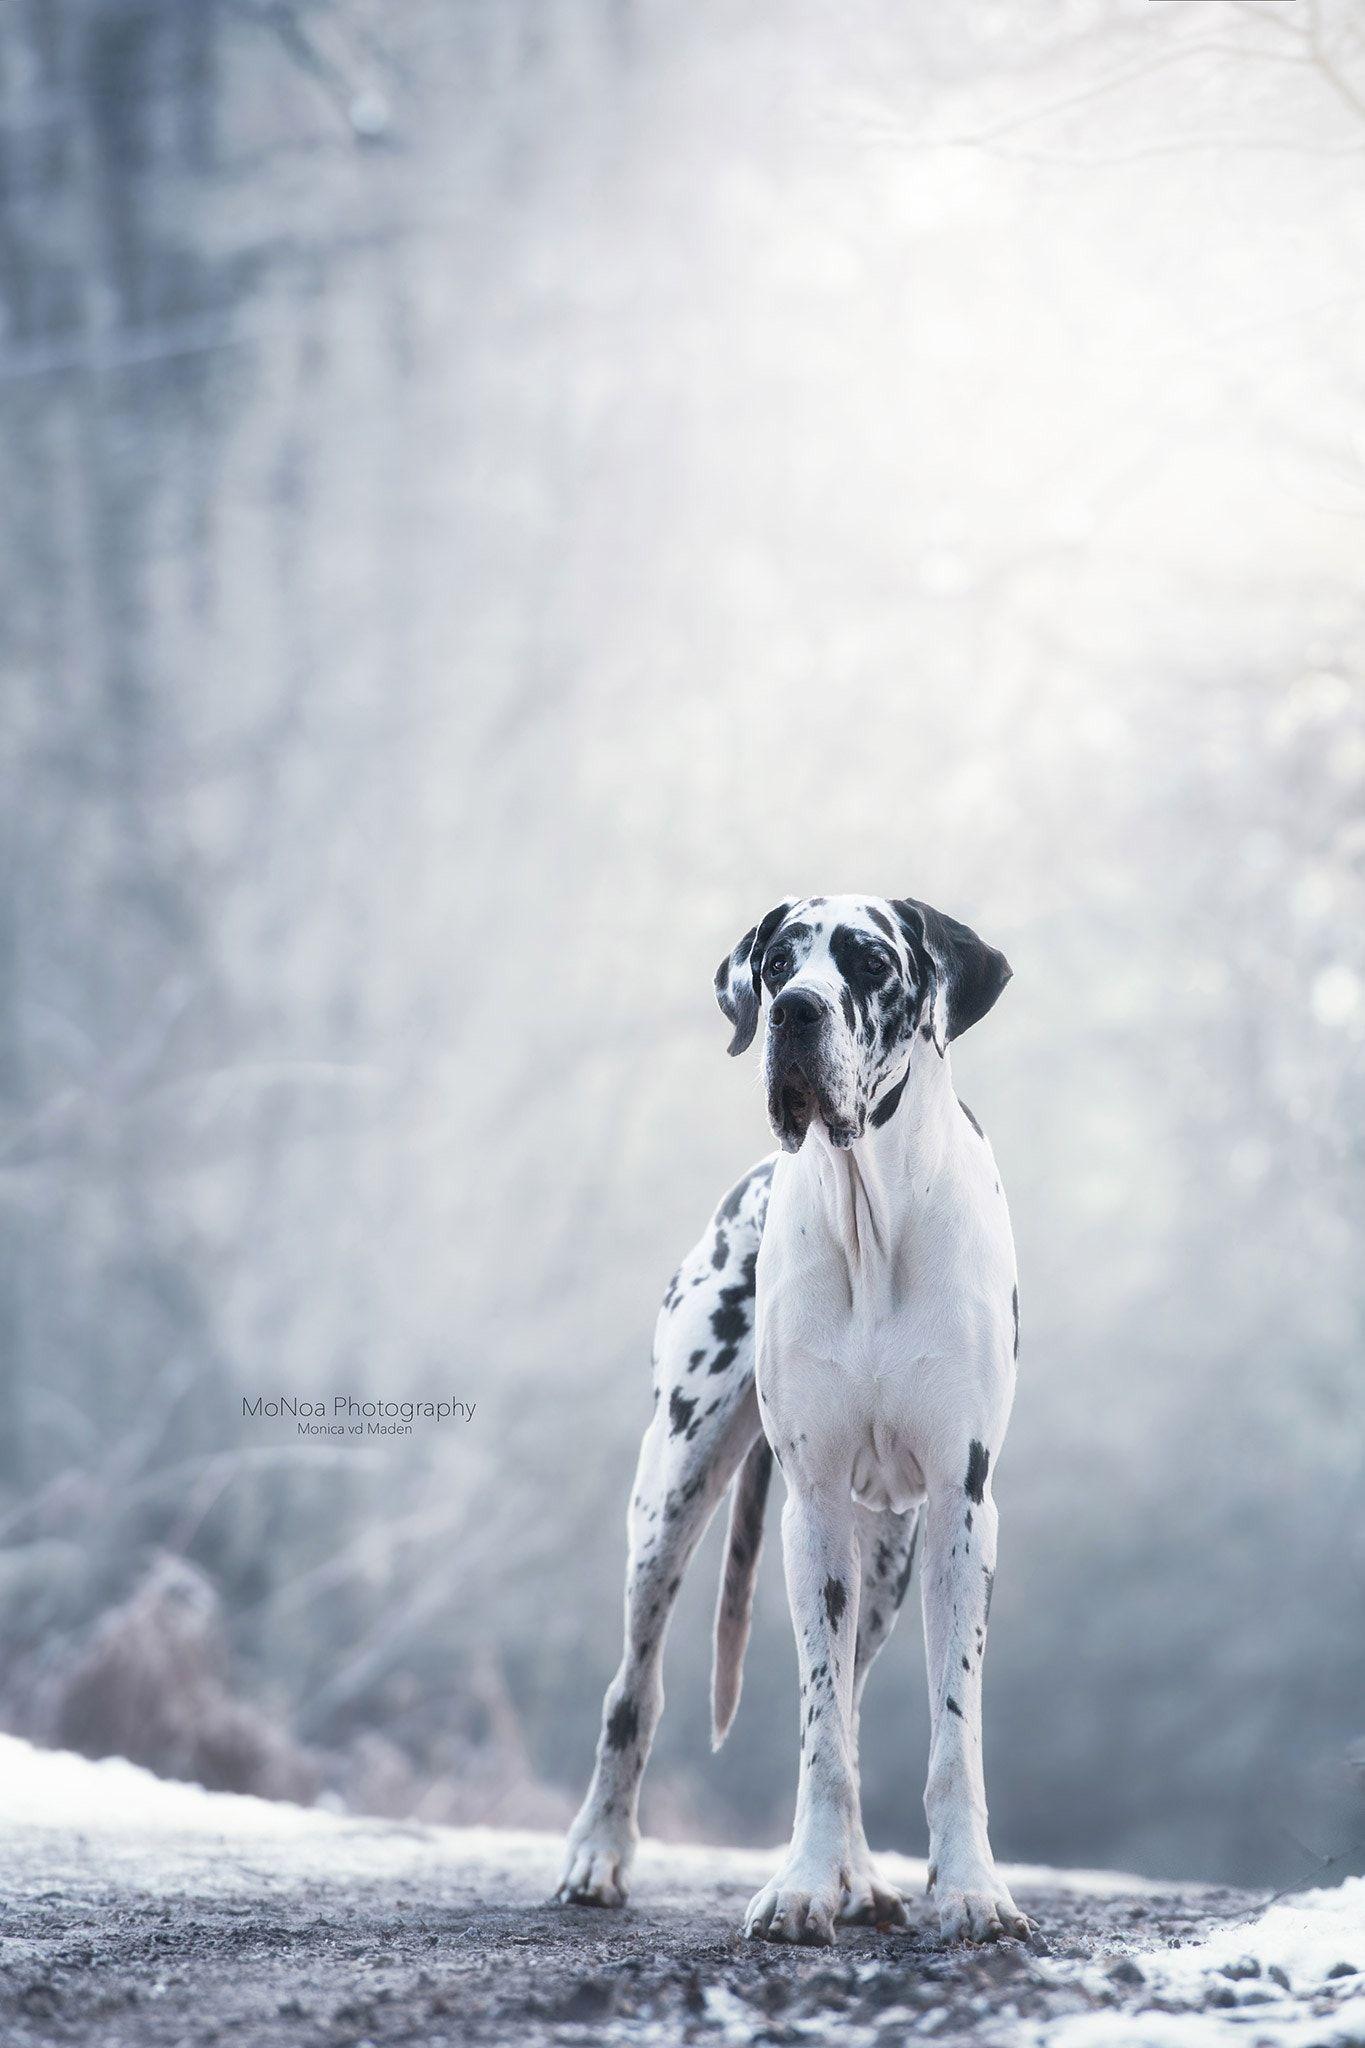 Pin Von Asti De Chaosqueen Auf Hunde Dog S Puppies Welpen Alle Rassen Spruche Deutsche Doggen Hundebilder Hunde